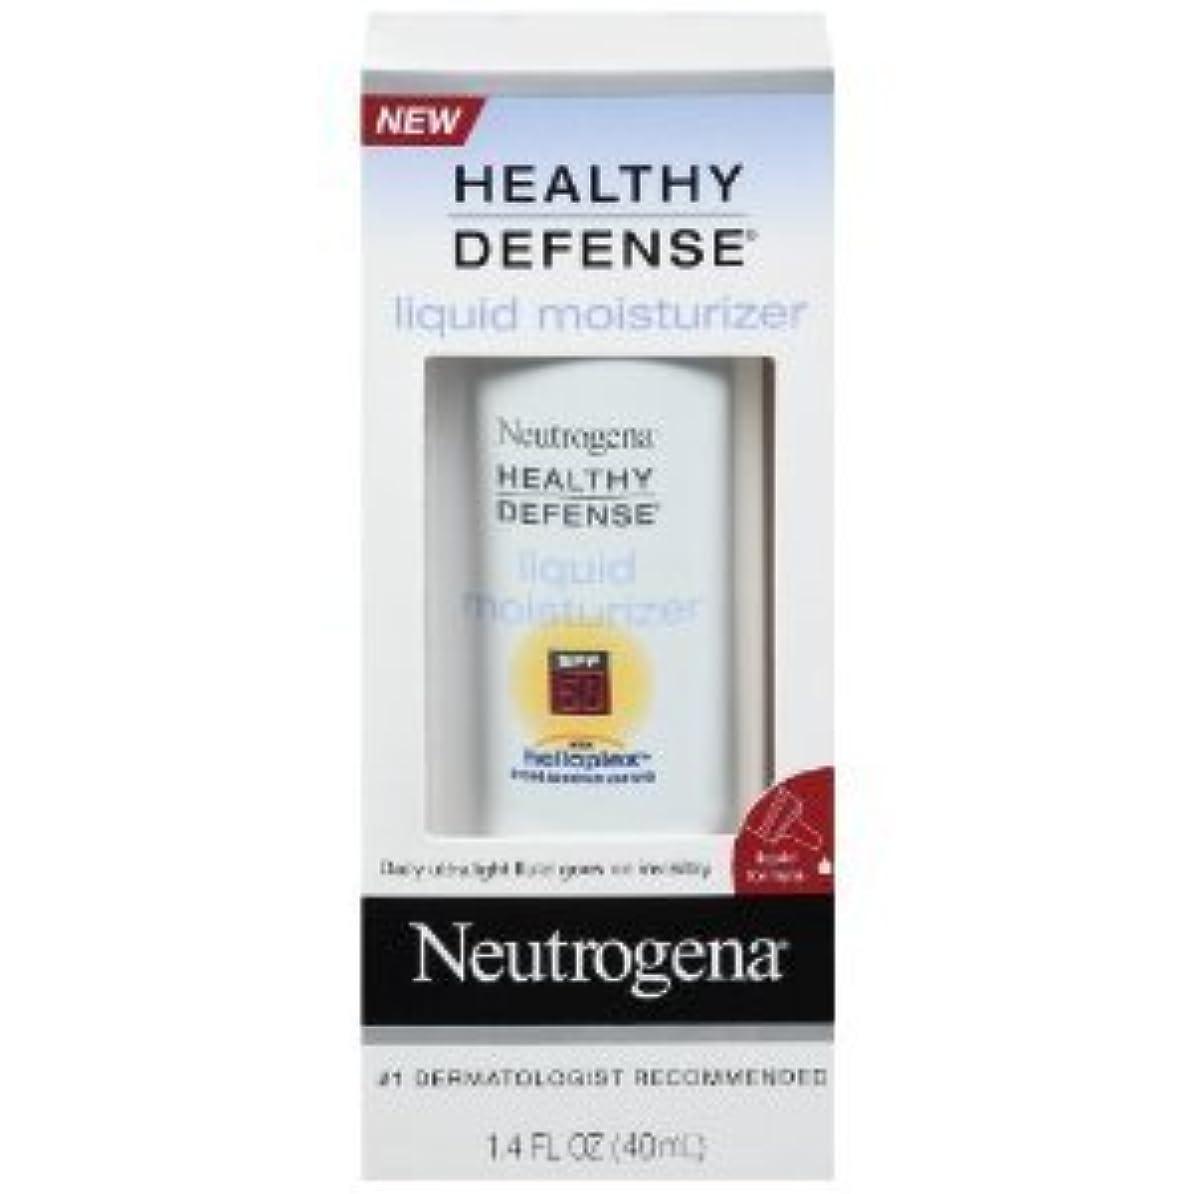 必要性ワーカーサンプルニュートロジーナ SPF50 ヘルシーディフェンス デイリーモイスチャライザー(ヘリオプレックス) Neutrogena Healthy Defense Daily Moisturizer with Helioplex...